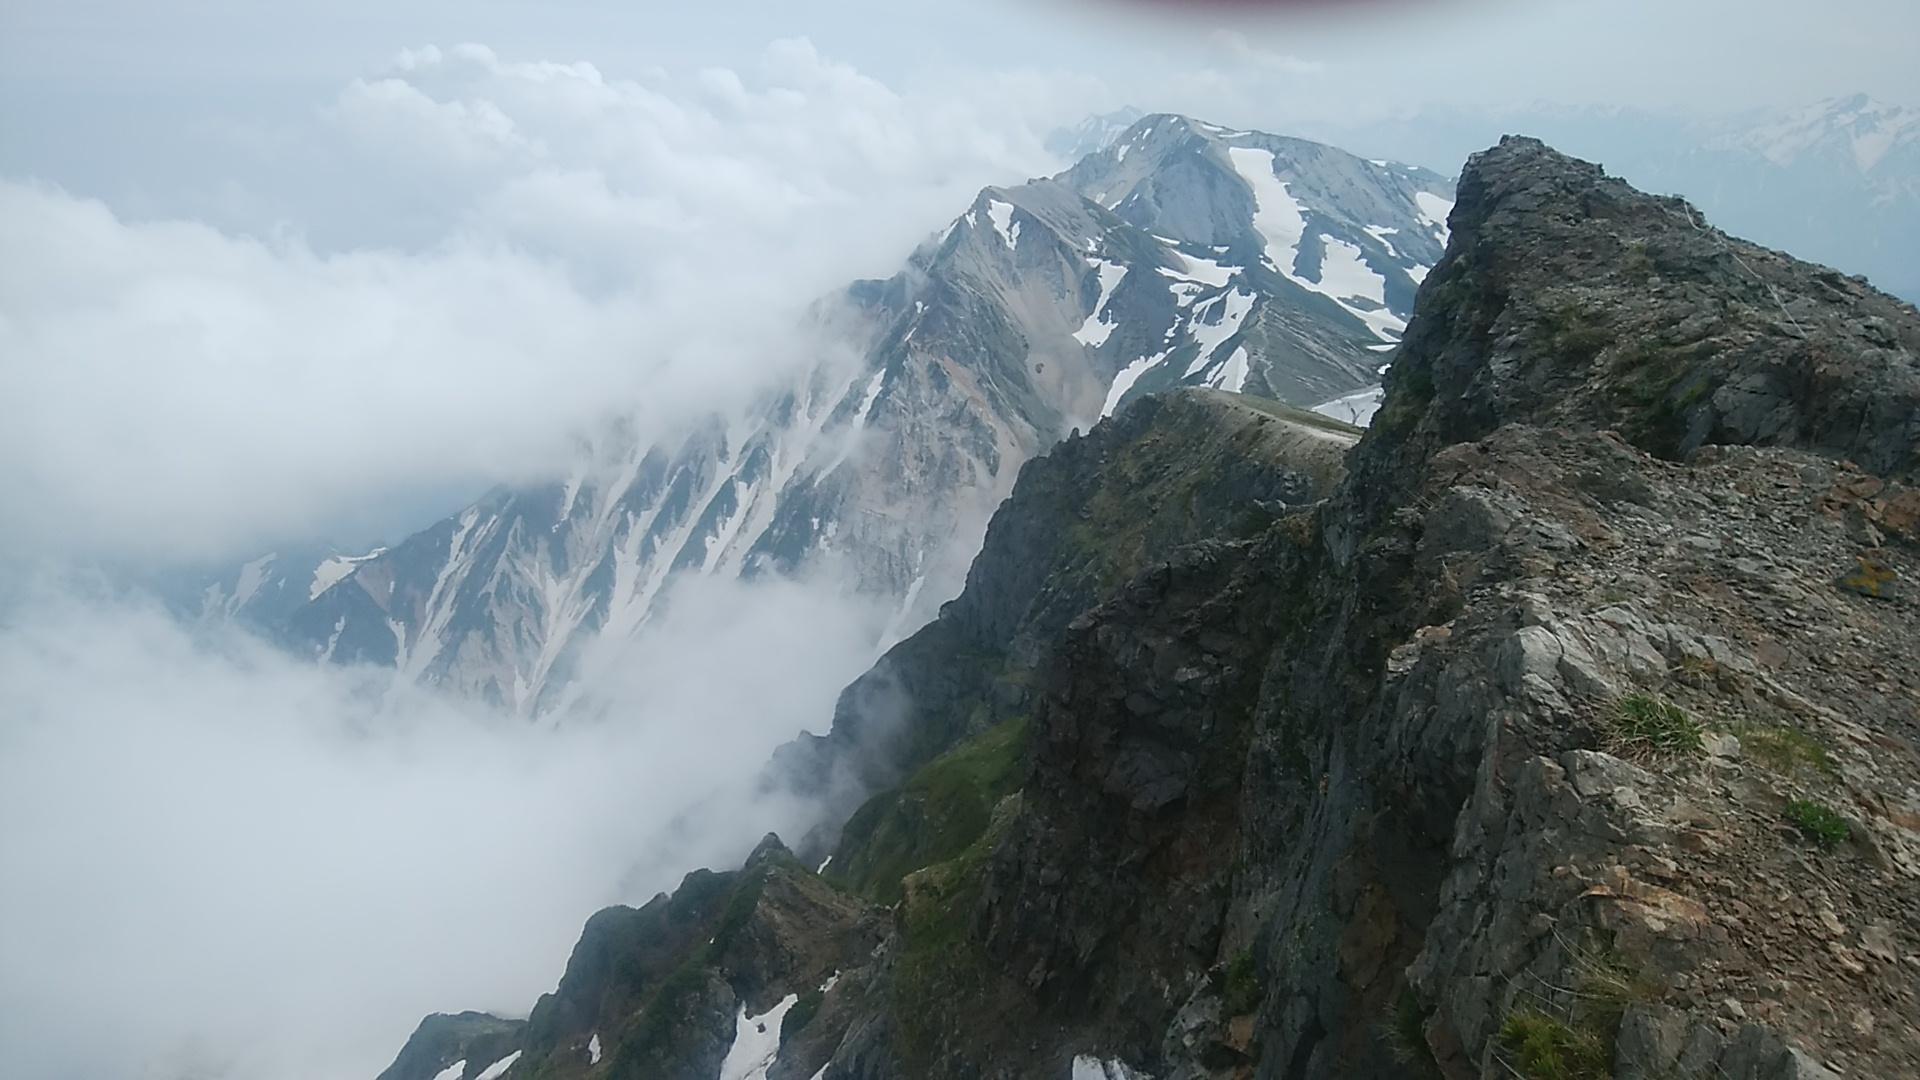 夏といえども標高の高い山では急激に寒くなる場合もある